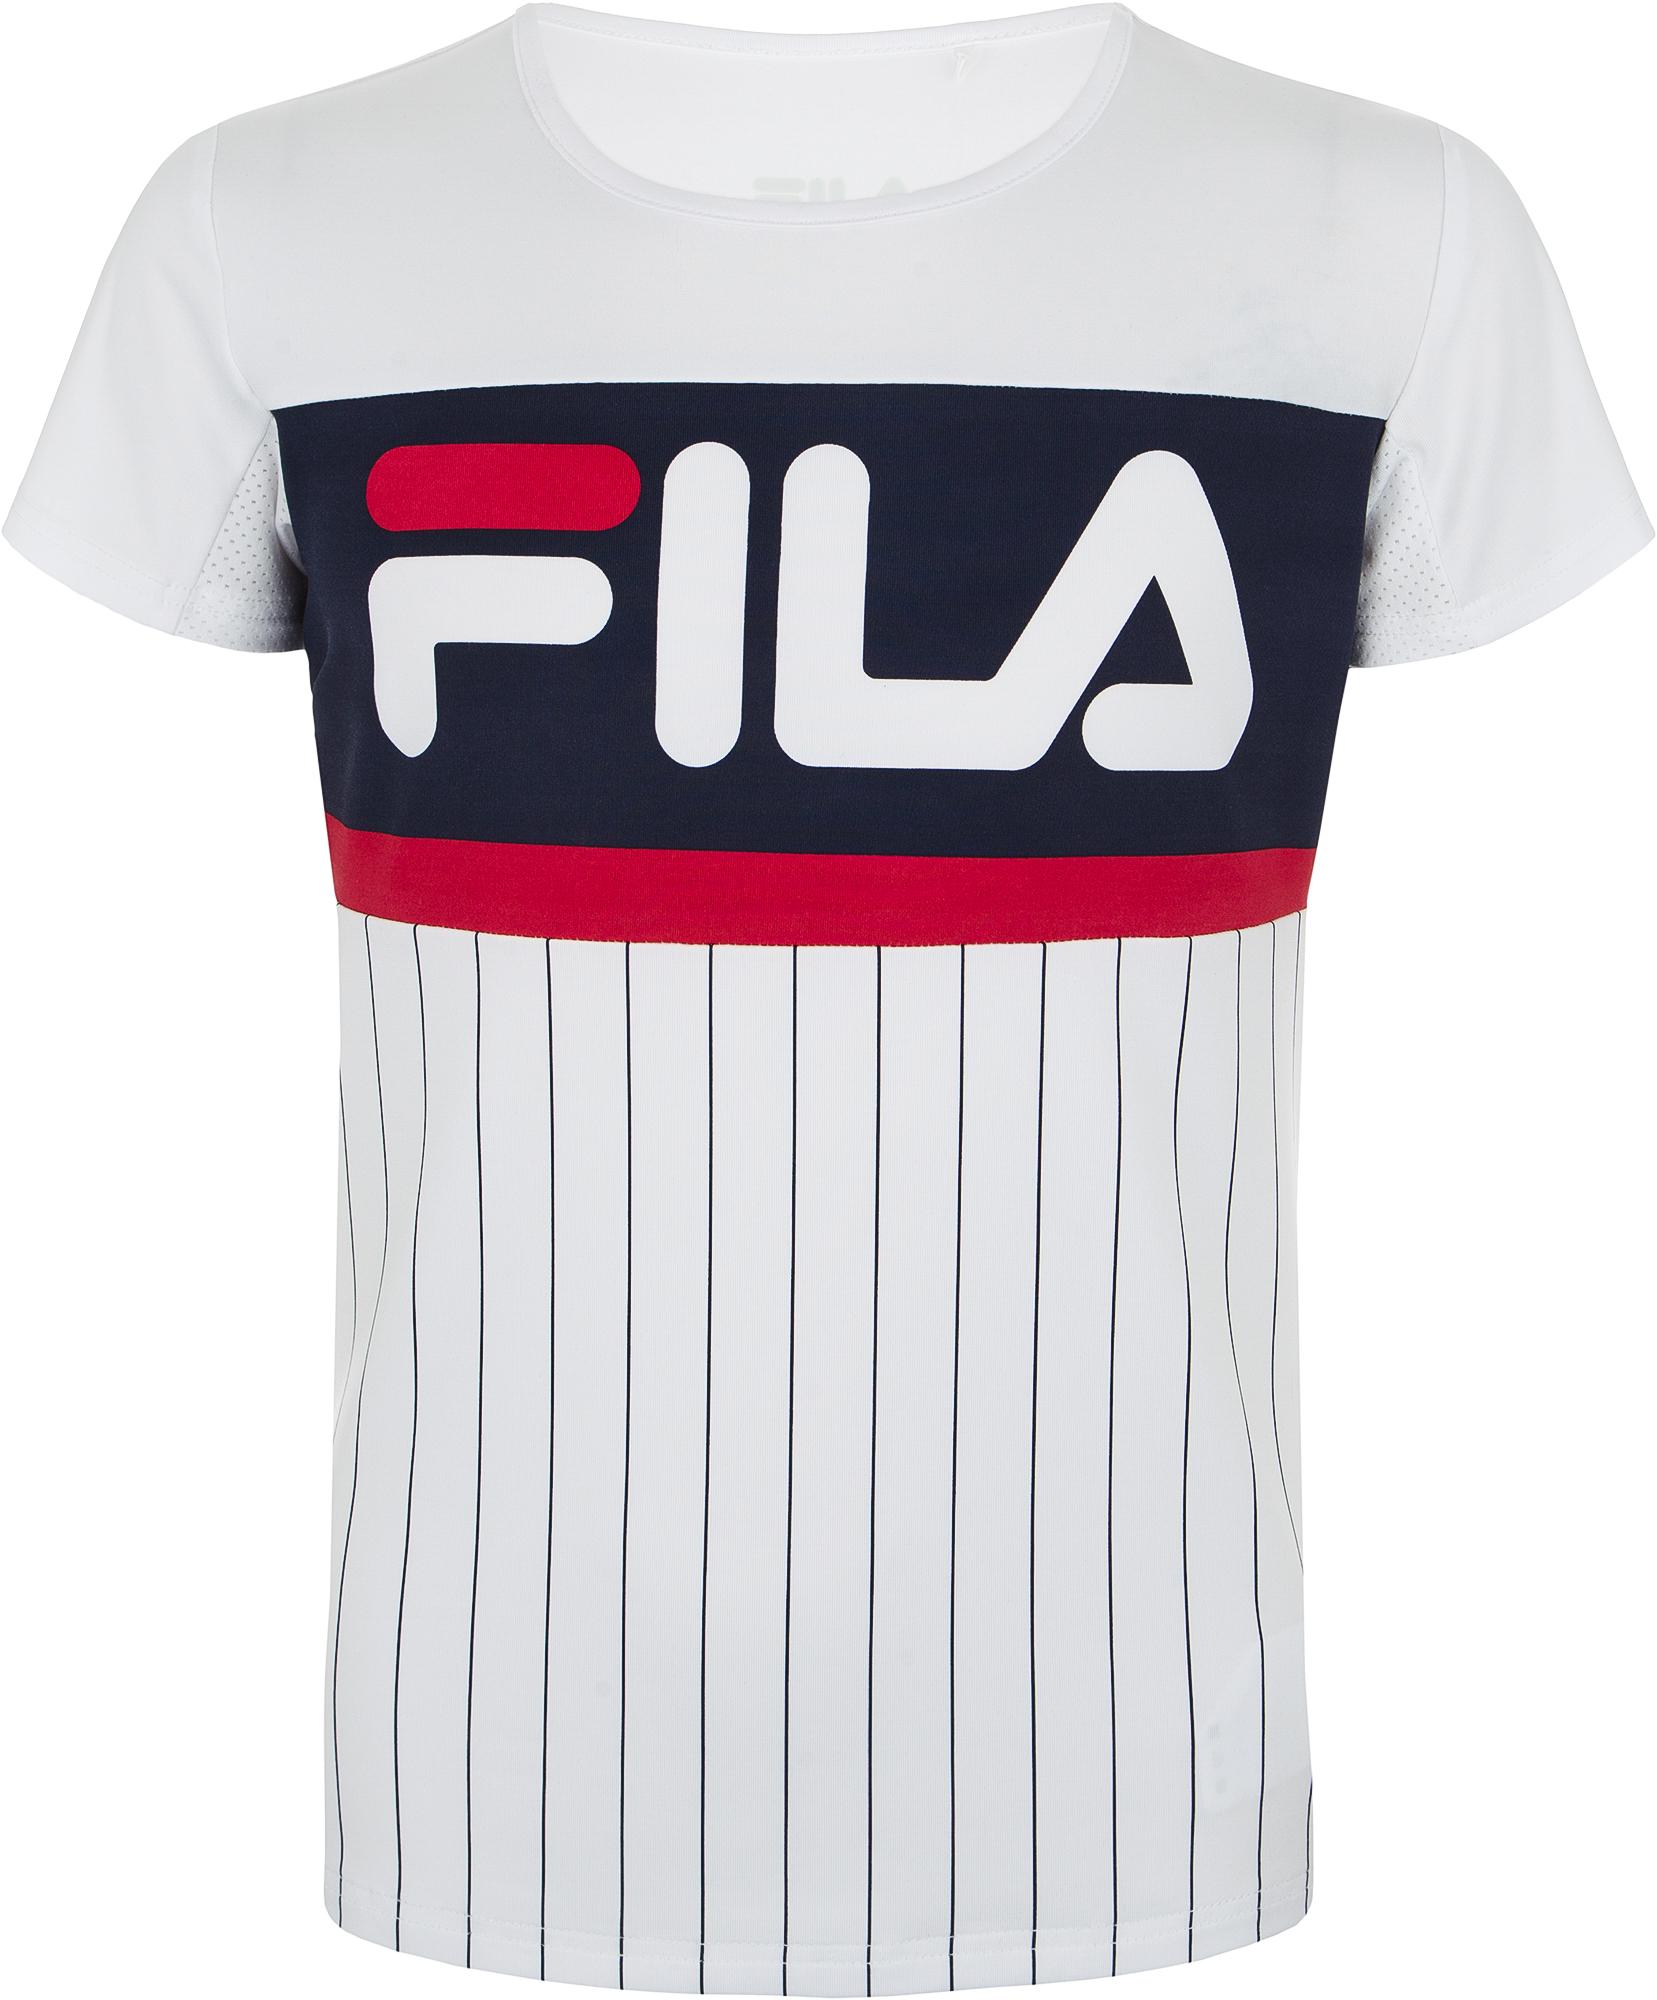 Fila Футболка для девочек Fila, размер 140 fila джемпер для девочек fila размер 140